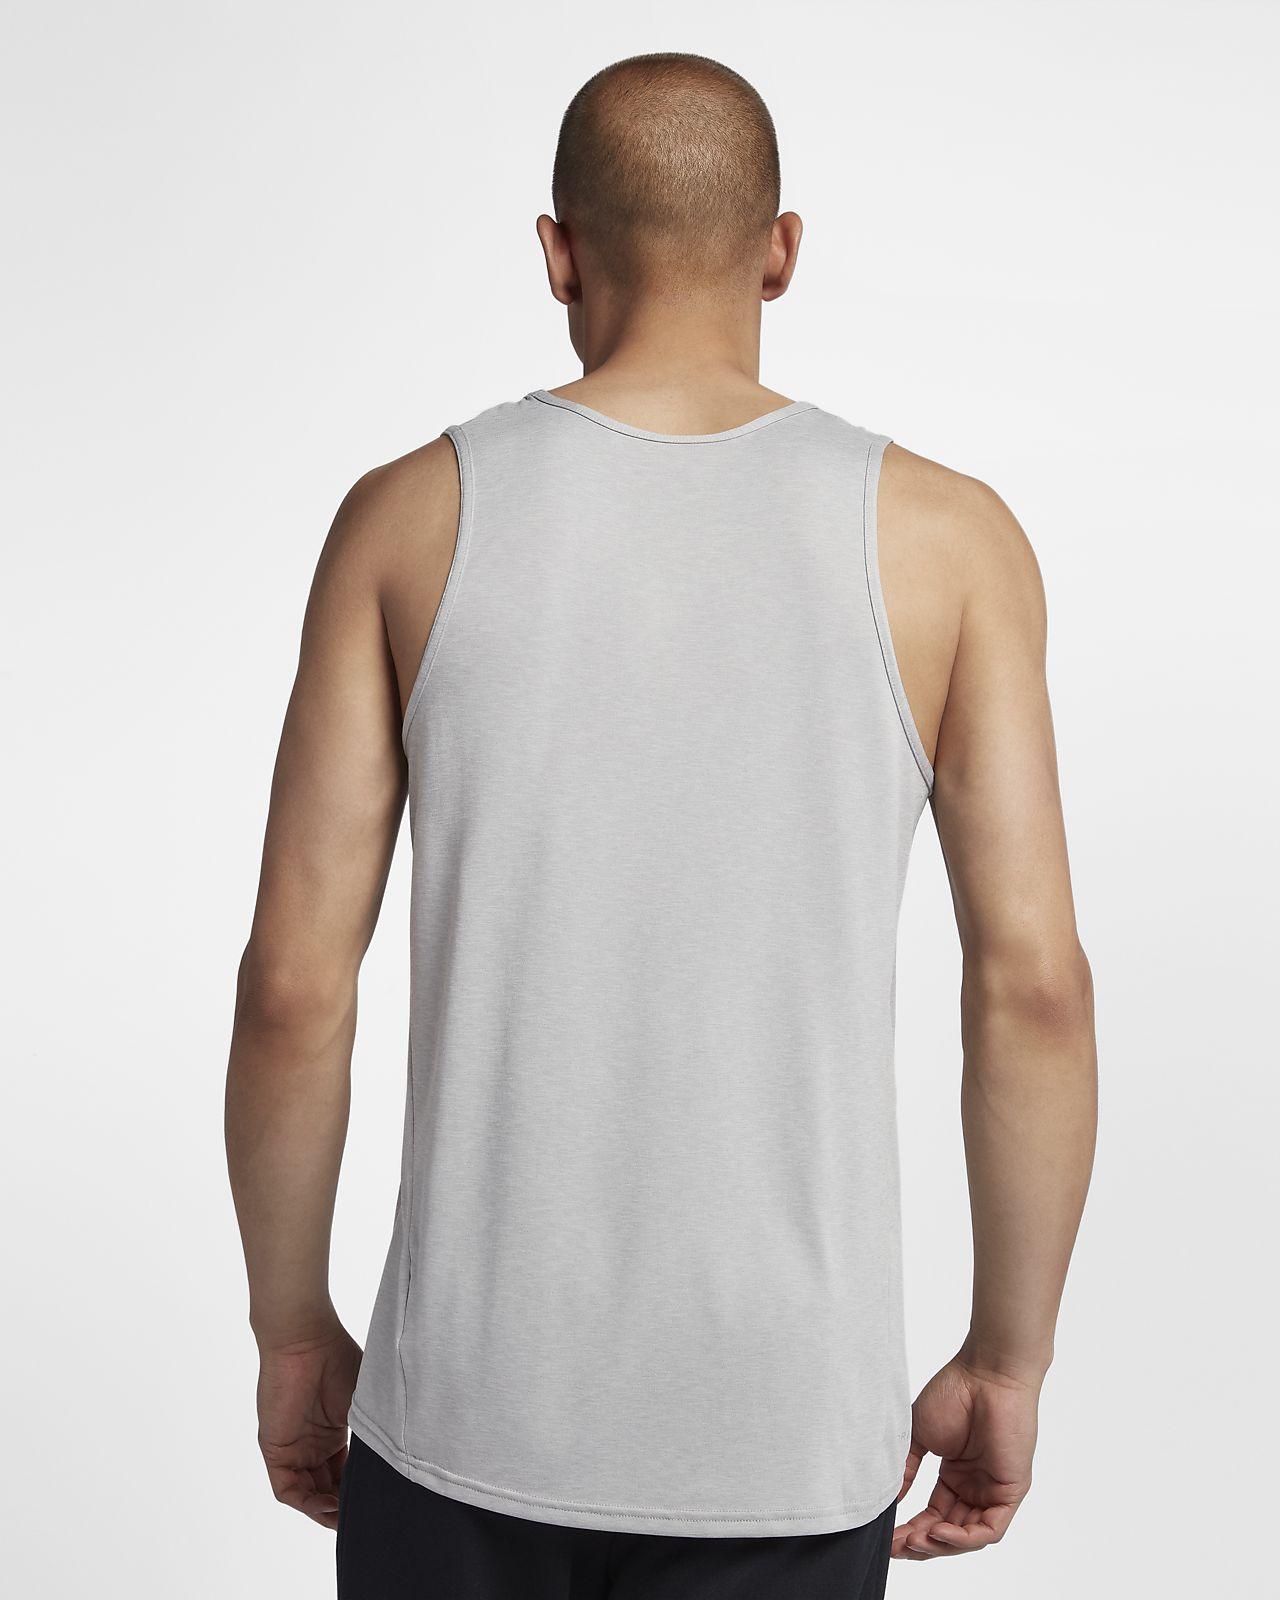 54c3f124 Nike Breathe Men's Training Tank. Nike.com AU